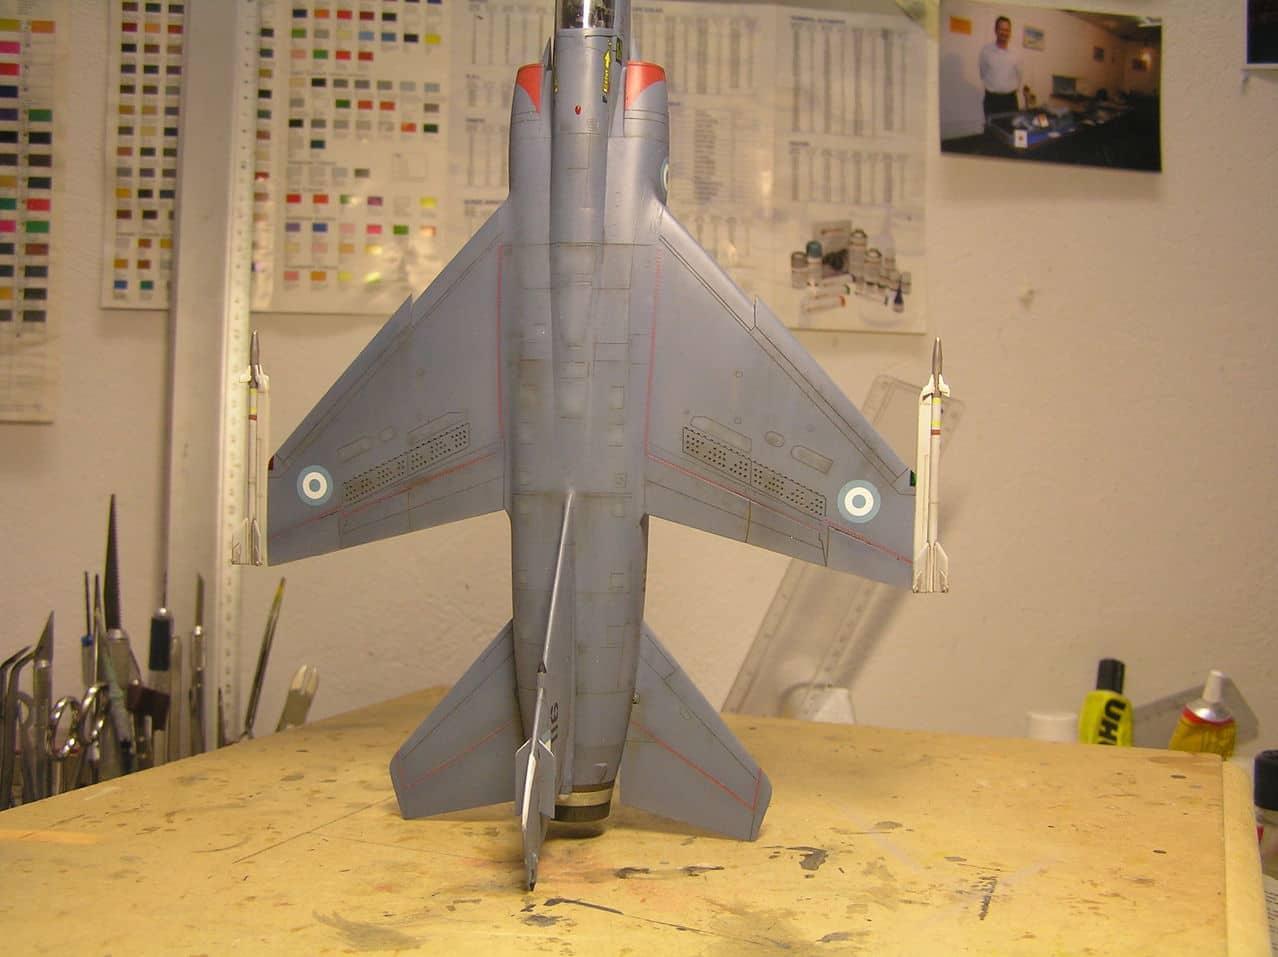 Ελληνικό Mirage F-1CG  1/48  - Σελίδα 2 P1010003_4